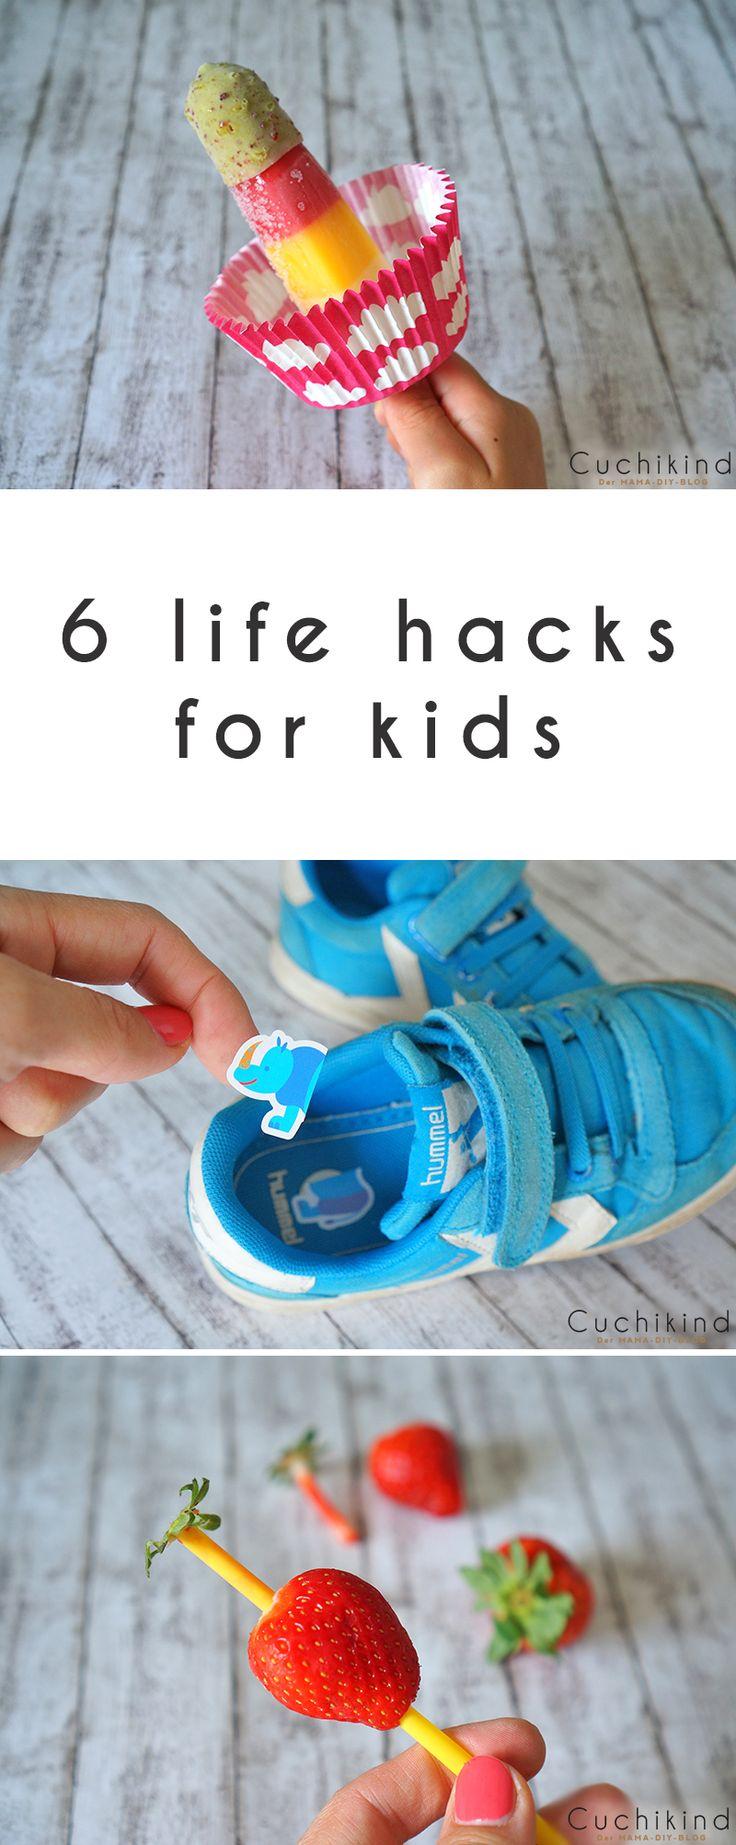 6 life hacks für kids, 6 Tricks für Kinder: Schuhaufkleber, Tropfhilfe, Badetiere, Fruchtwürfel, Insektenschutz und Erdbeerstrunkentferner.